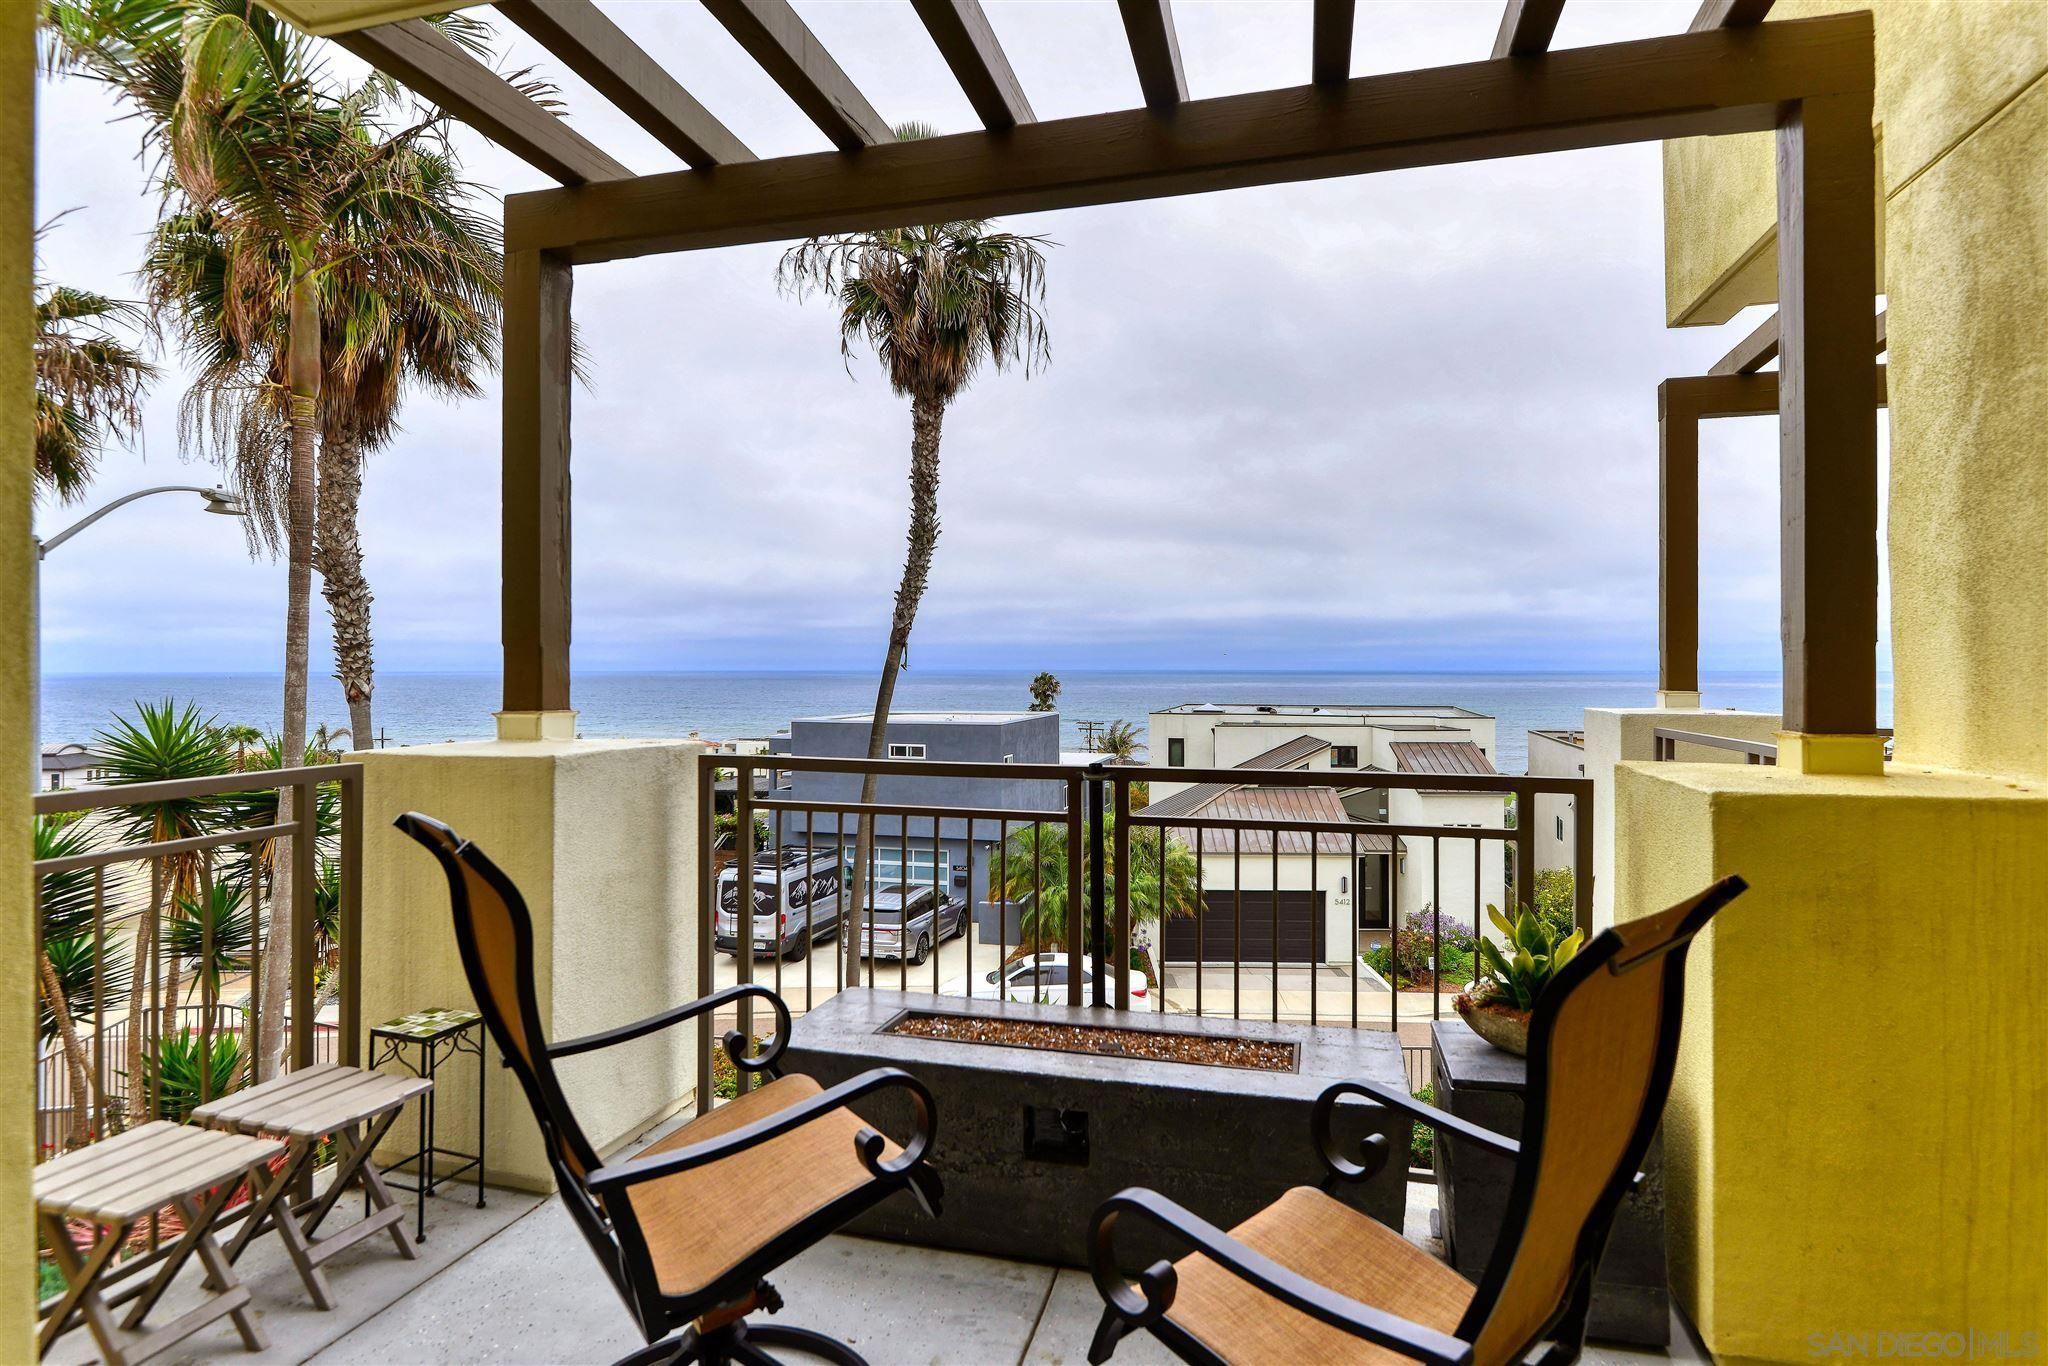 Main Photo: LA JOLLA Condo for sale : 2 bedrooms : 5420 La Jolla Blvd #B202